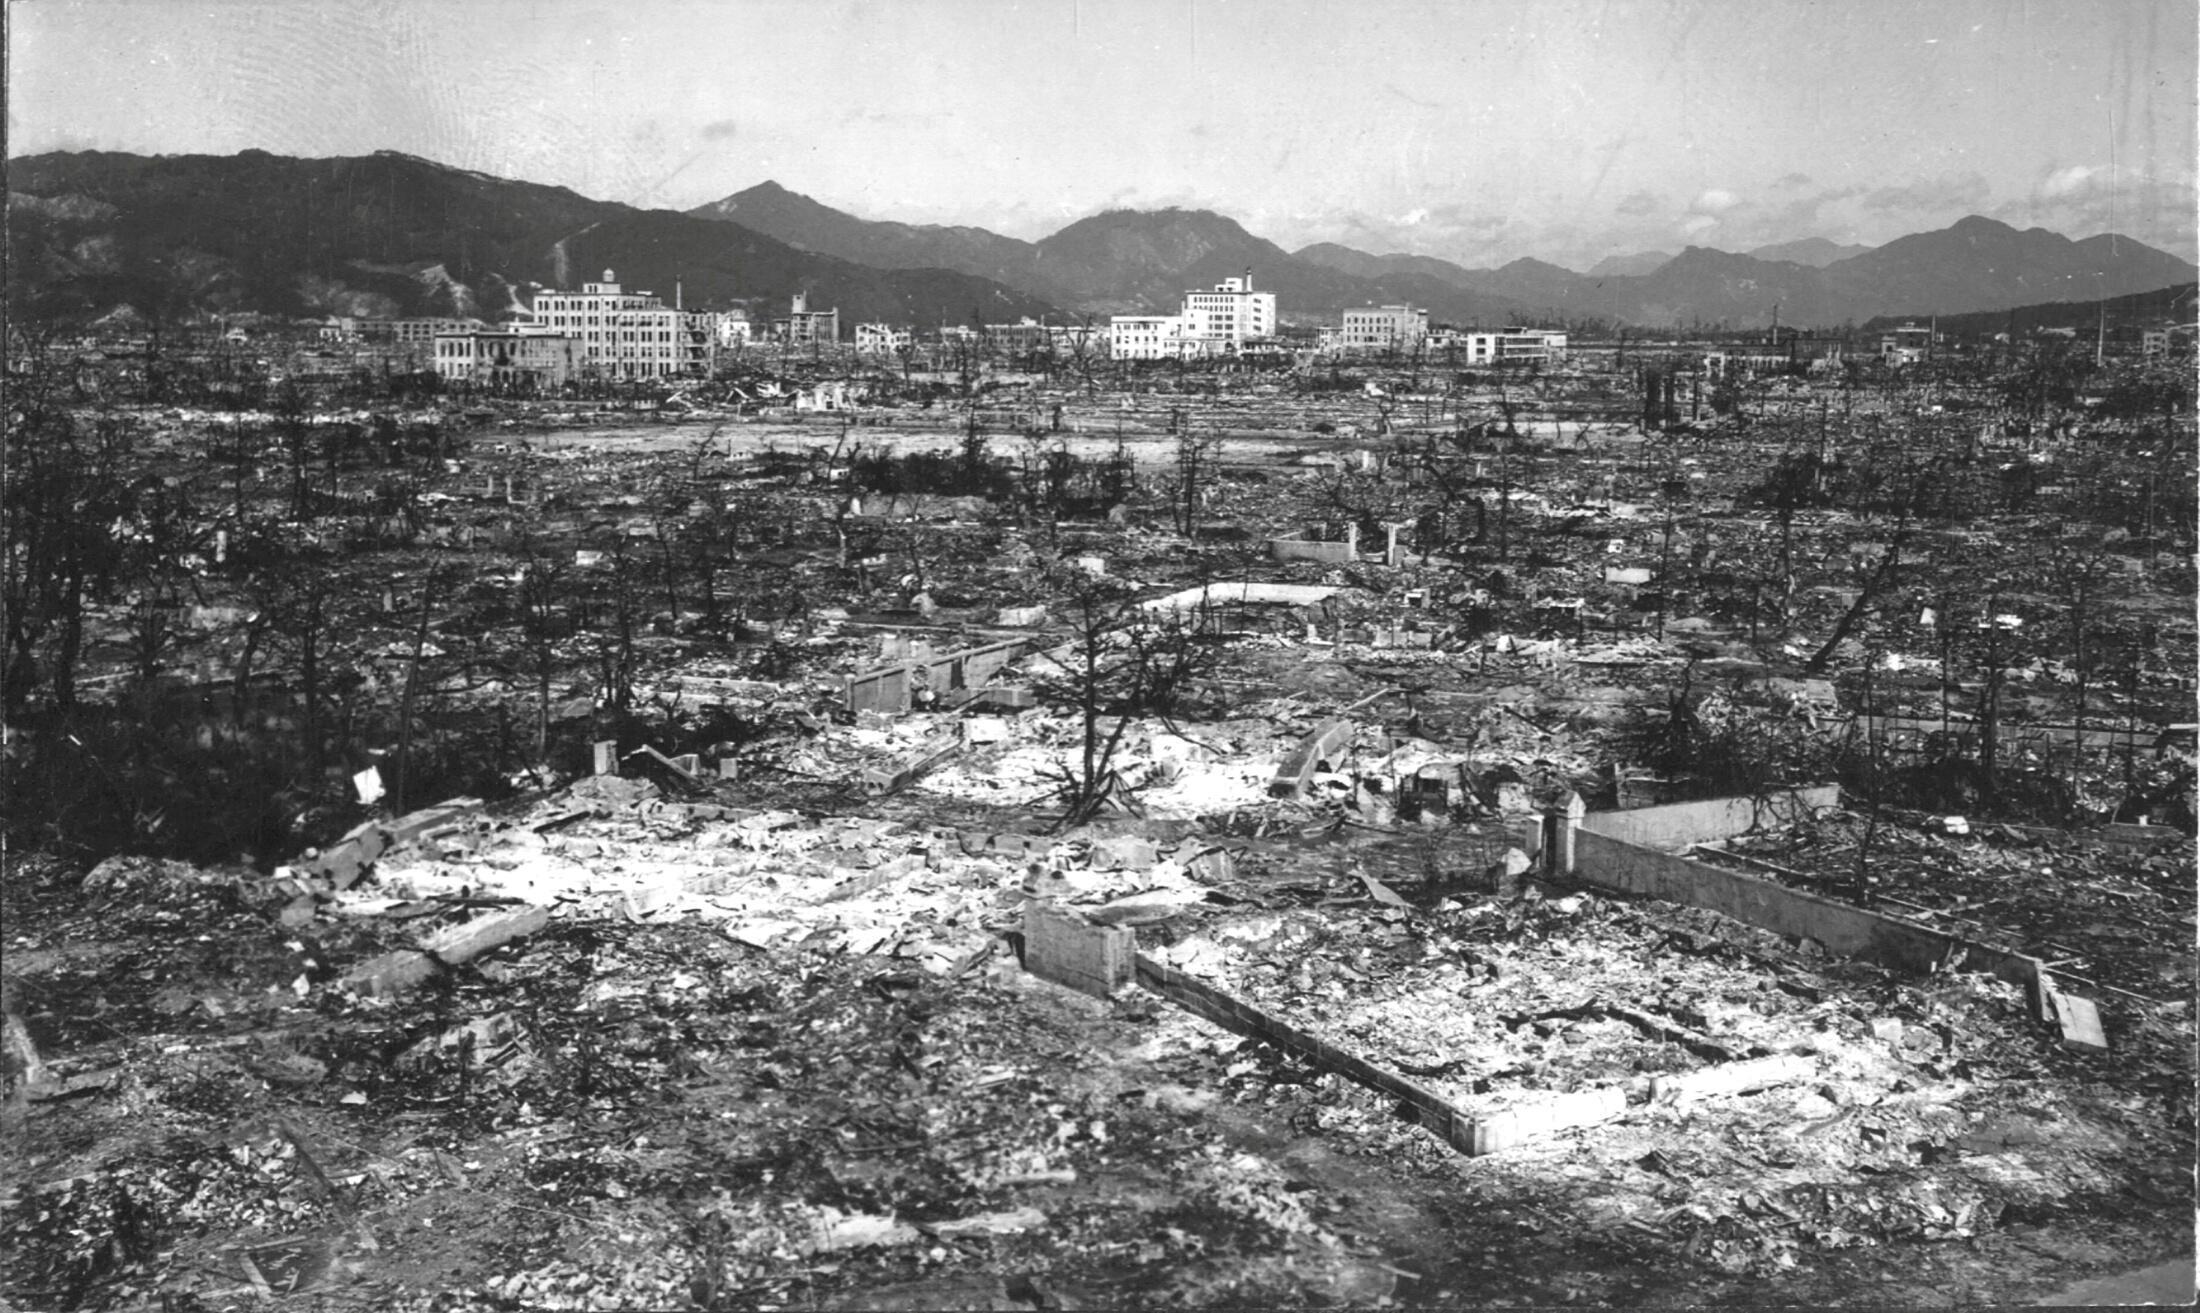 La devastación causada por la bomba atómica en Hiroshima. Foto sin fecha.